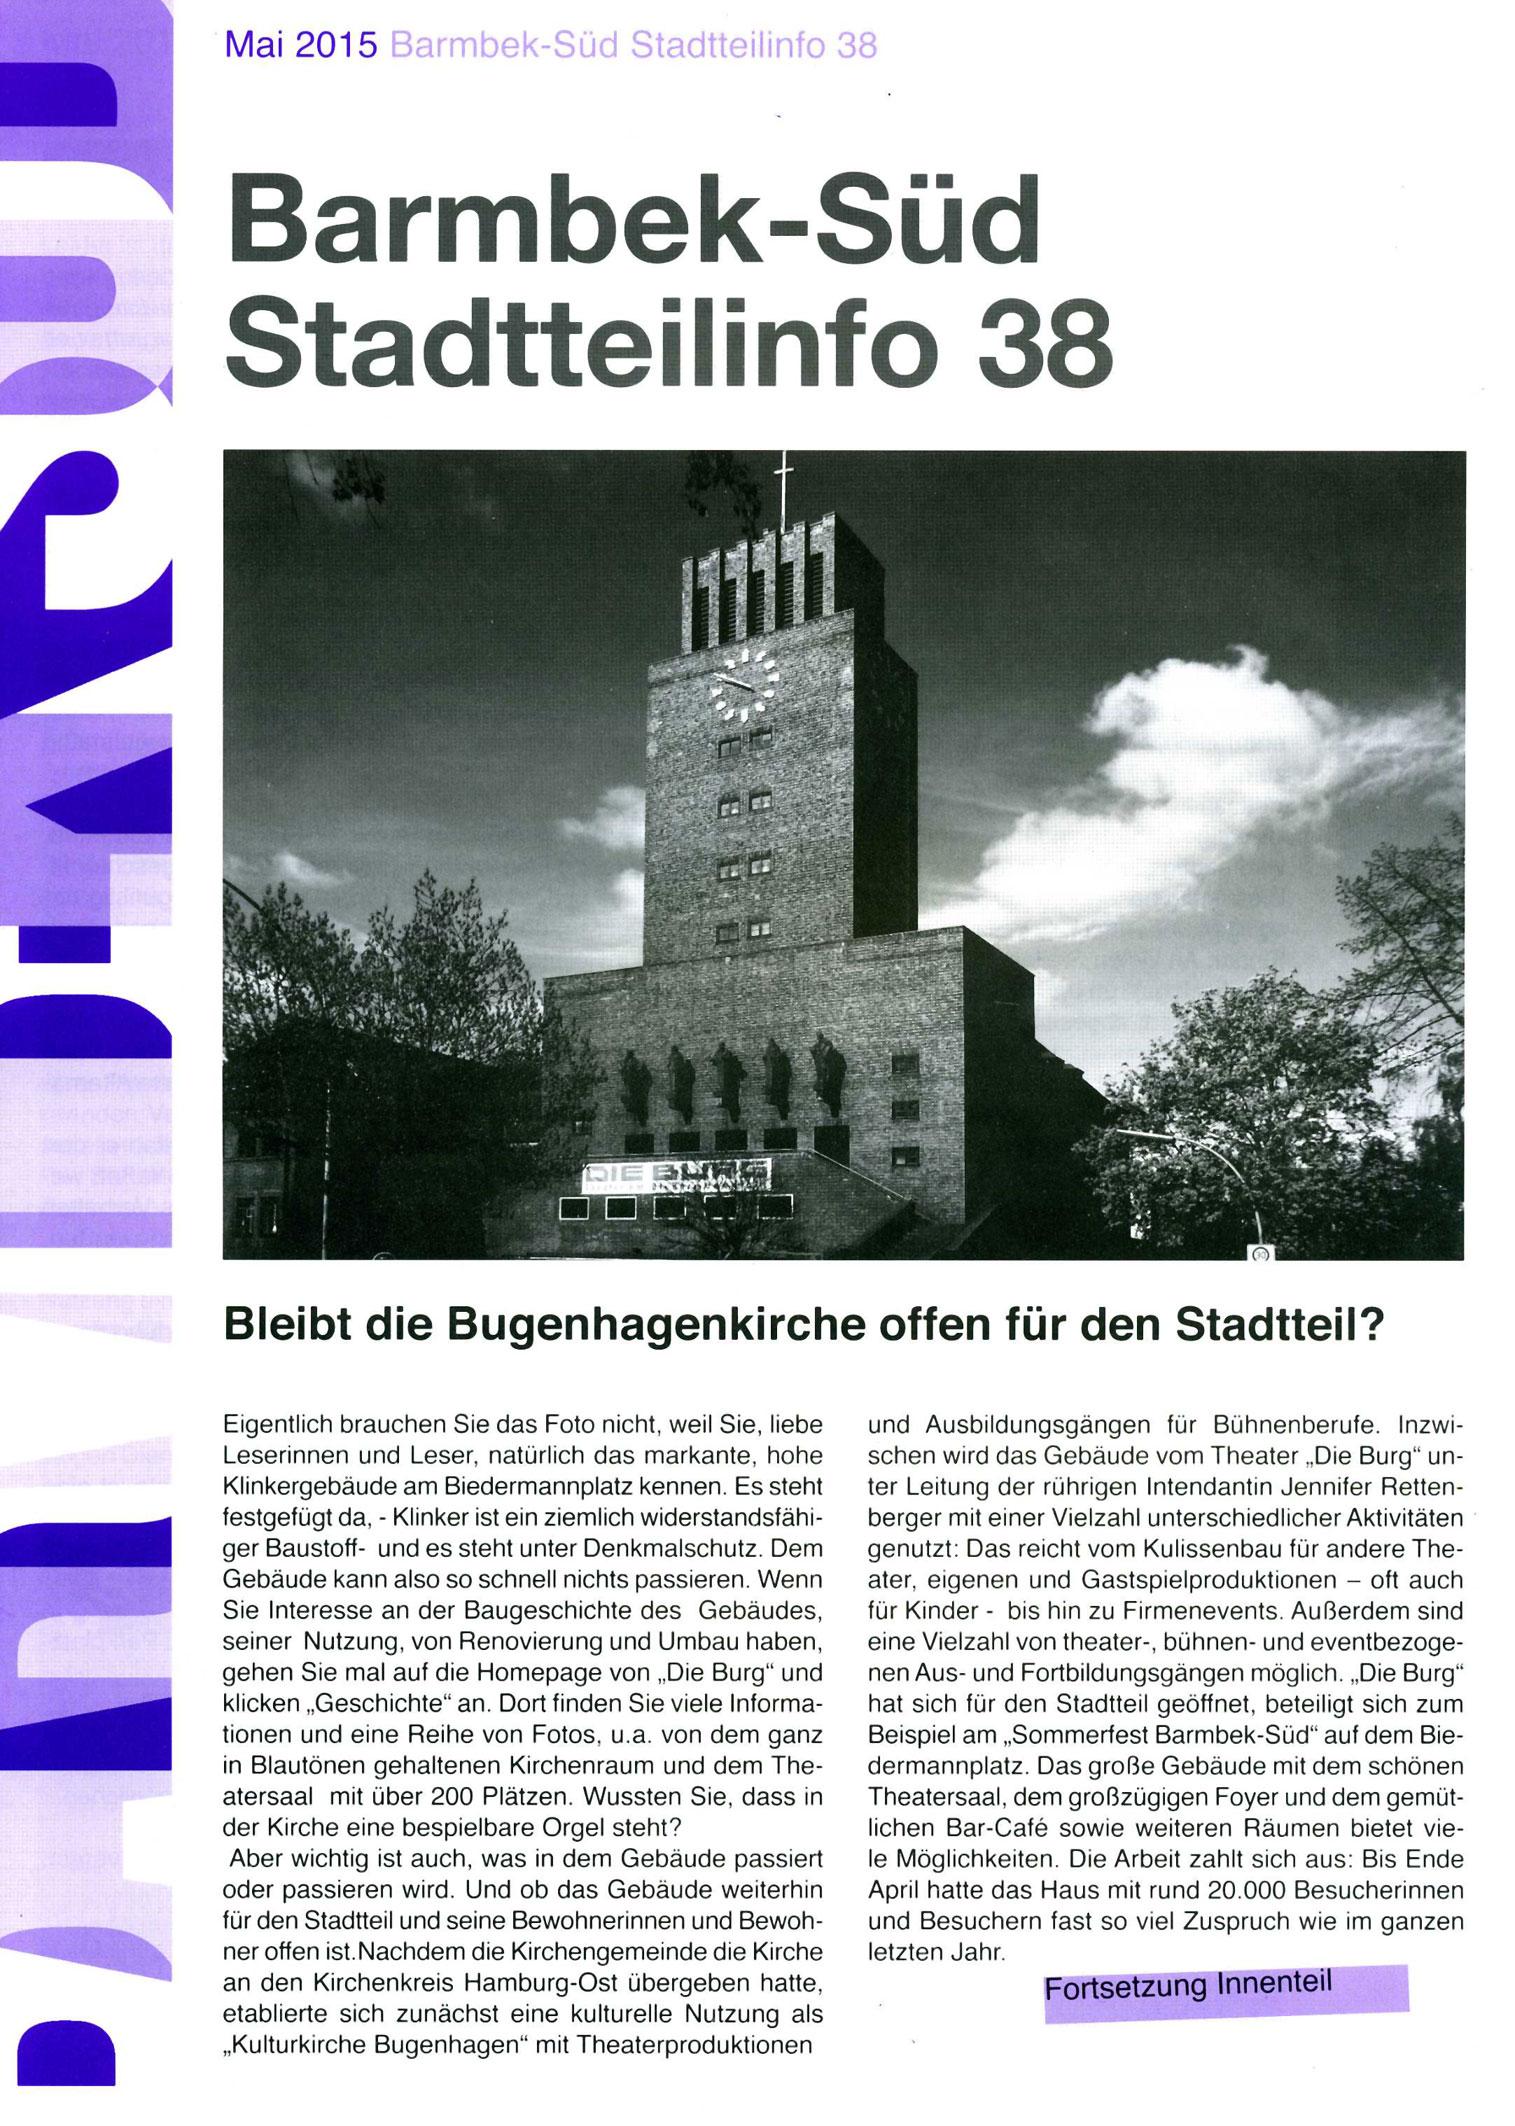 Bugenhagenkirche Barmbek Süd,Stadtteilrat, Info1